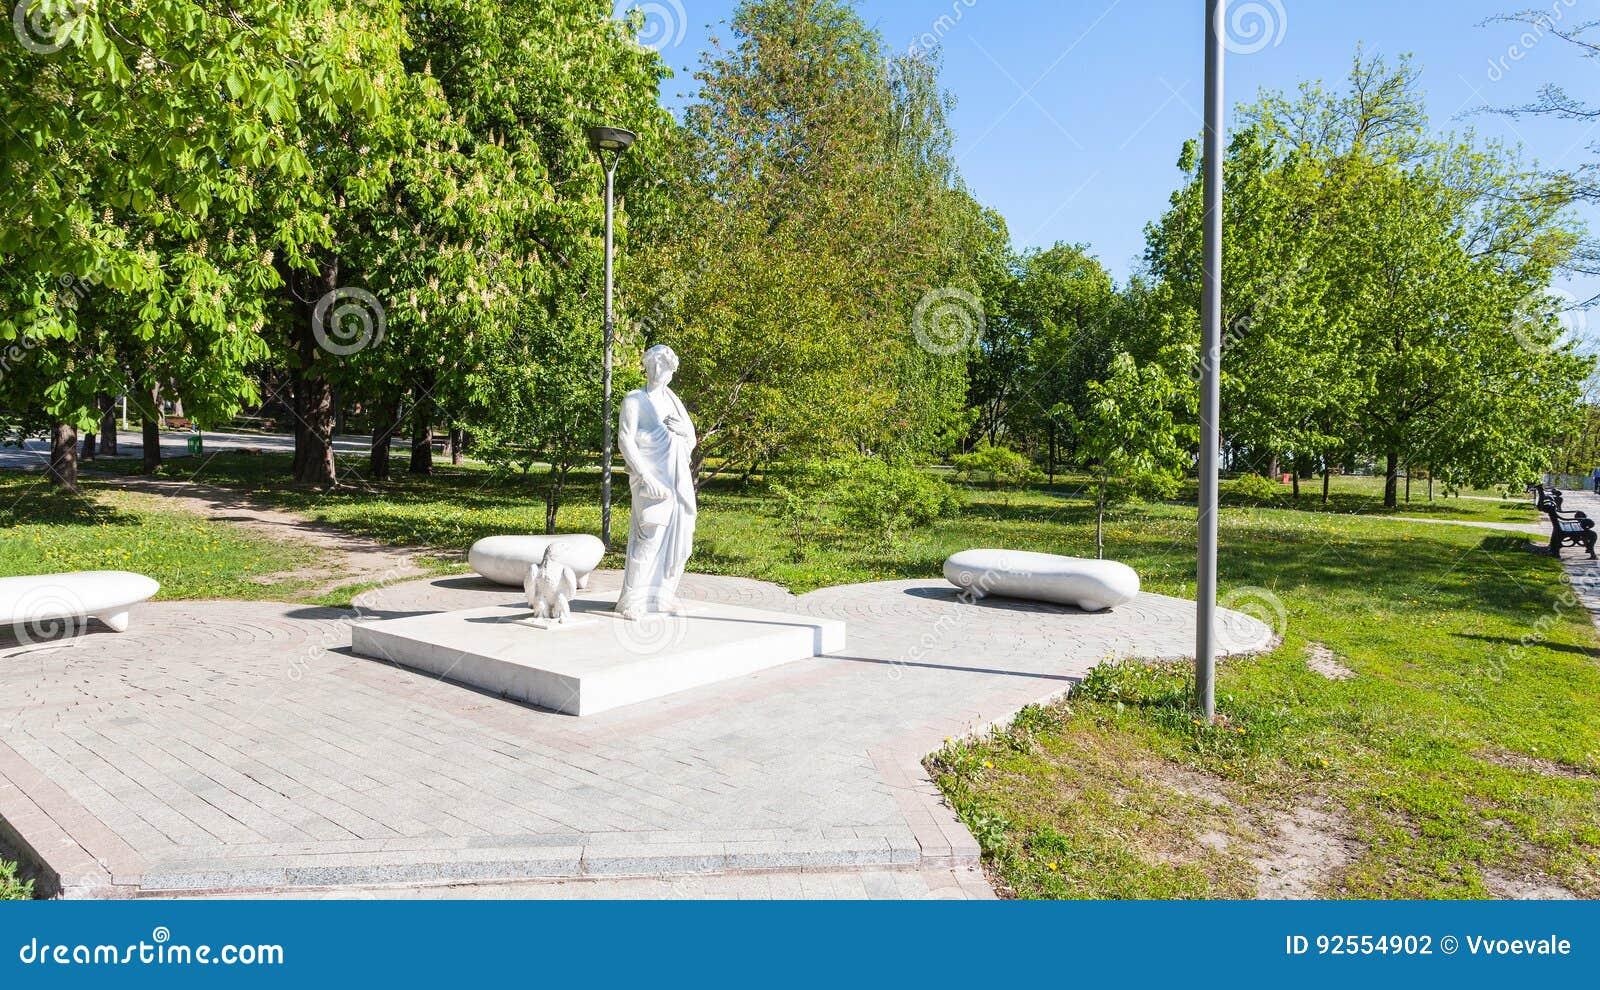 Monumento di Dante Alighieri in parco urbano pubblico